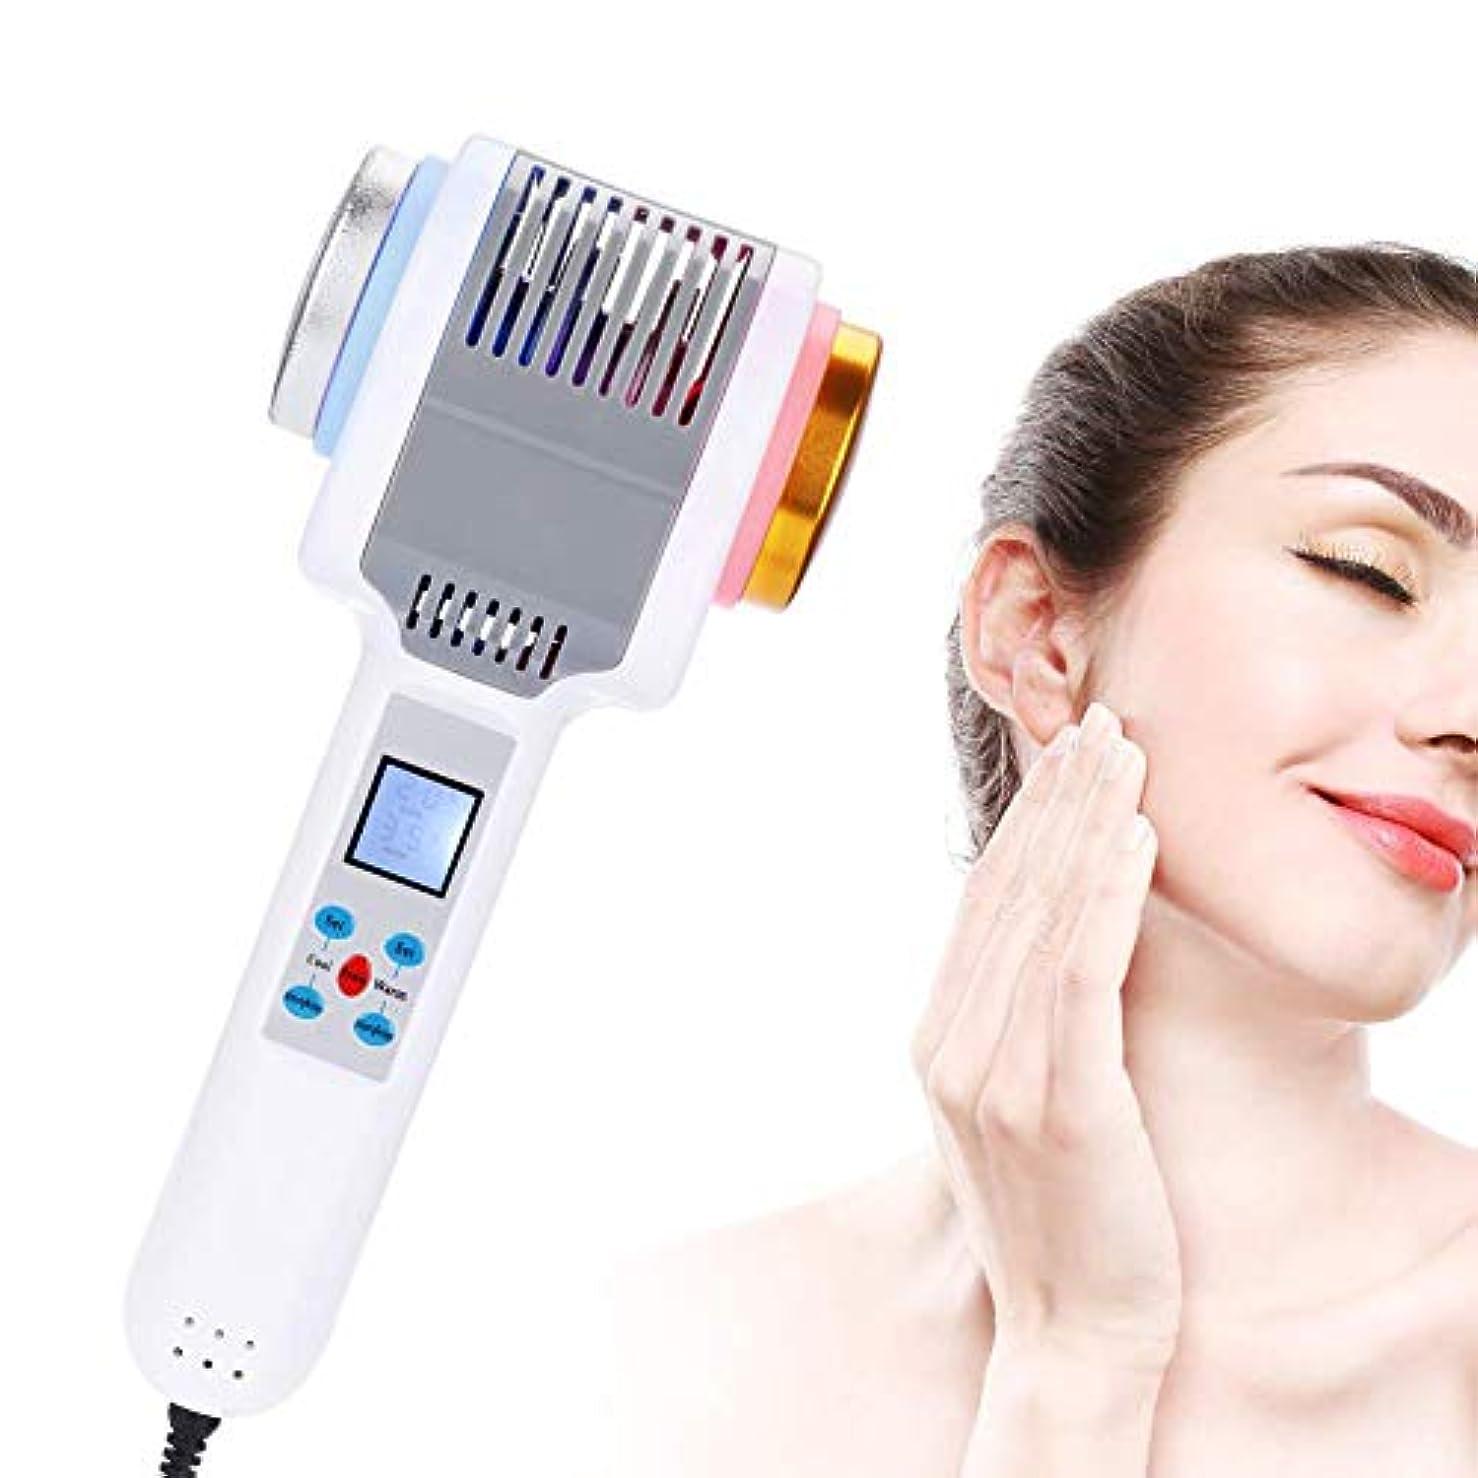 インペリアルパンチ侮辱光子療法機ホット&コールドハンマーアイスファイアダブルヘッド振動マッサージ美容機器削除しわ明るい顔の引き締め美容若返りツール